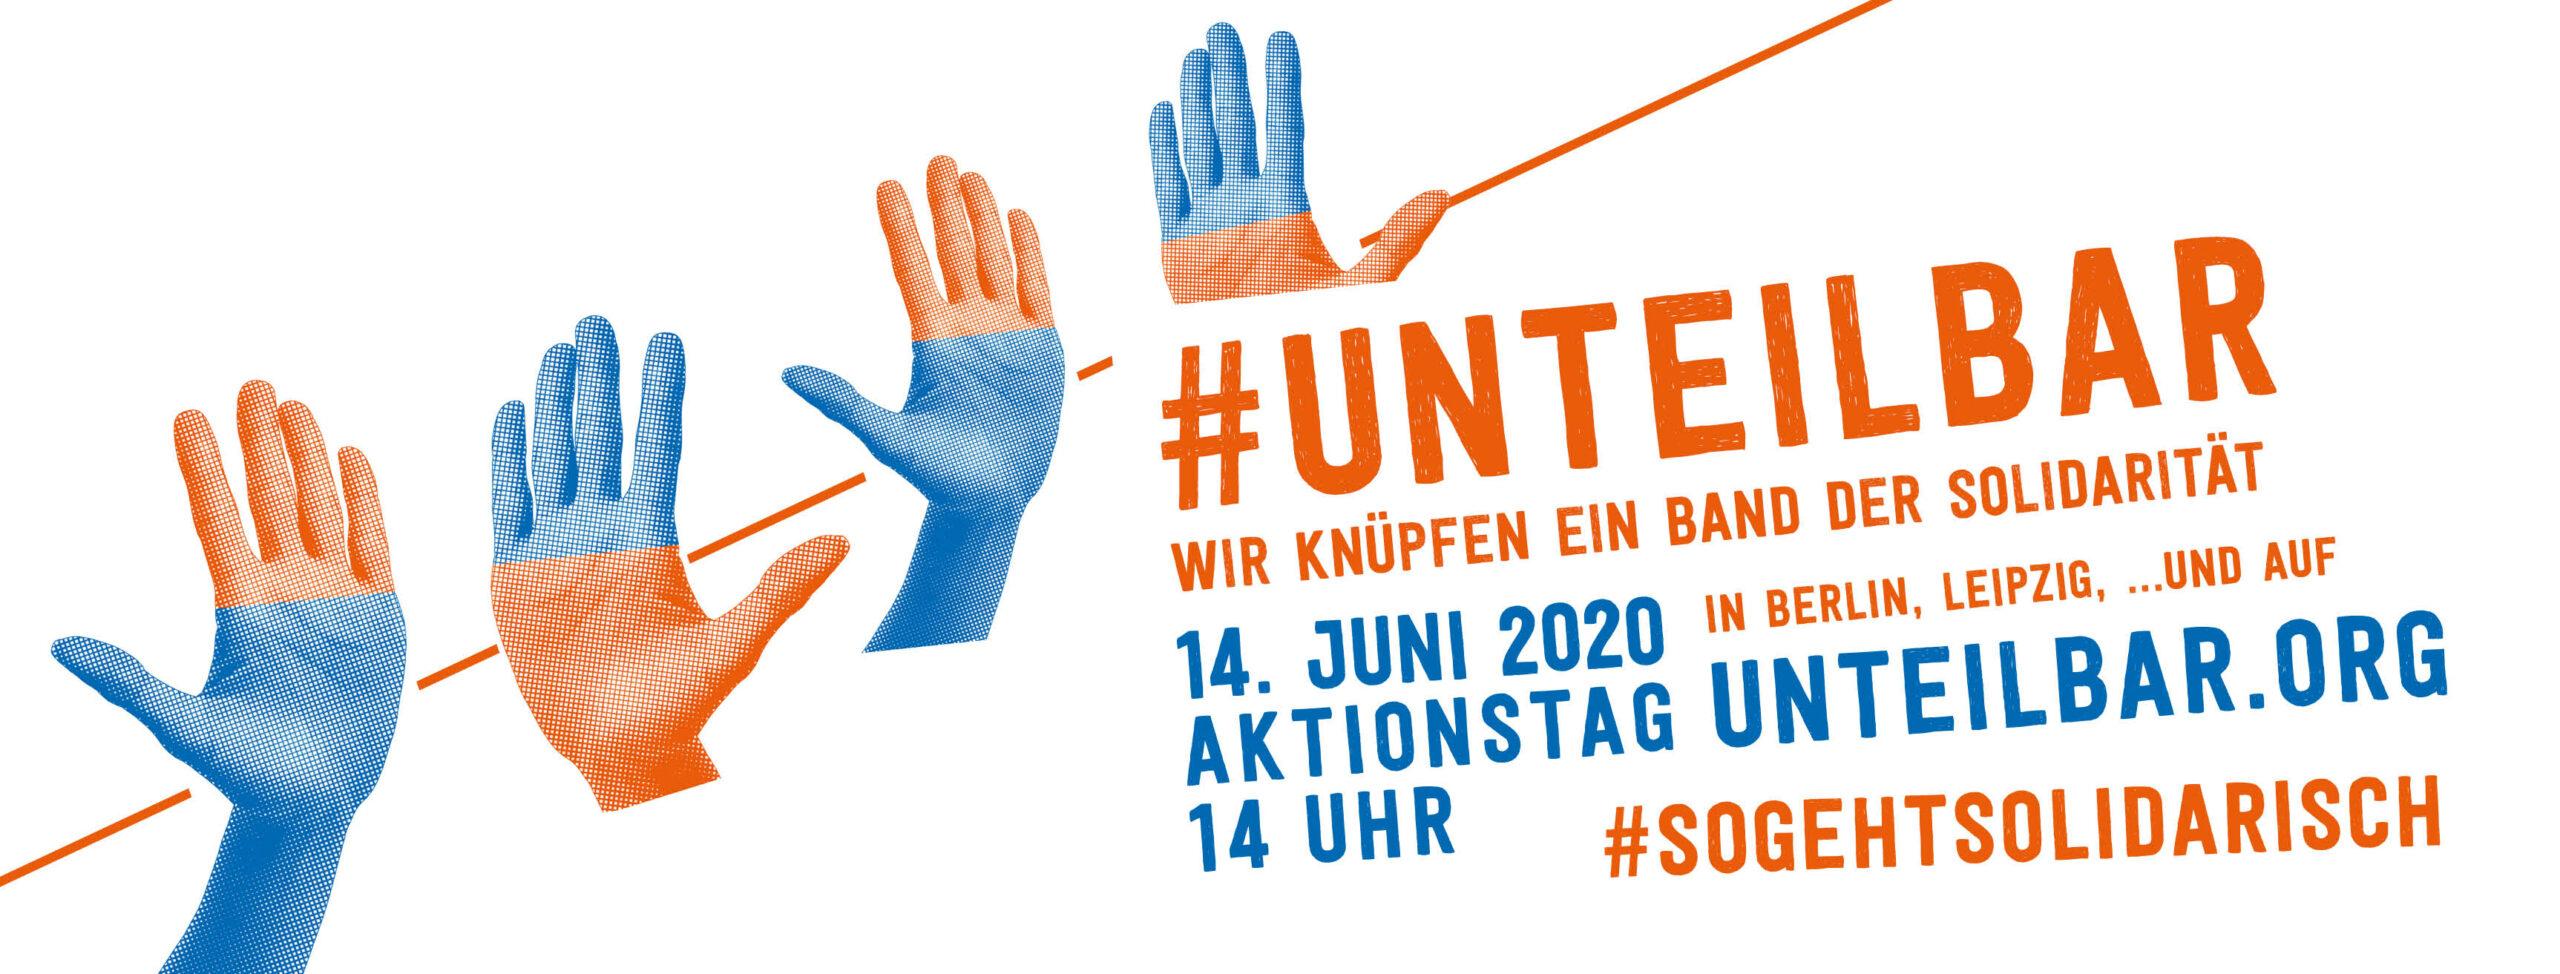 #Unteilbar Wir knüpfen ein Band der Solidarität 14. Juni 2020, um 14 Uhr Aktionstag in Berlin, Leipzig, ... und auf Unteilbar.org #SoGehtSolidarisch